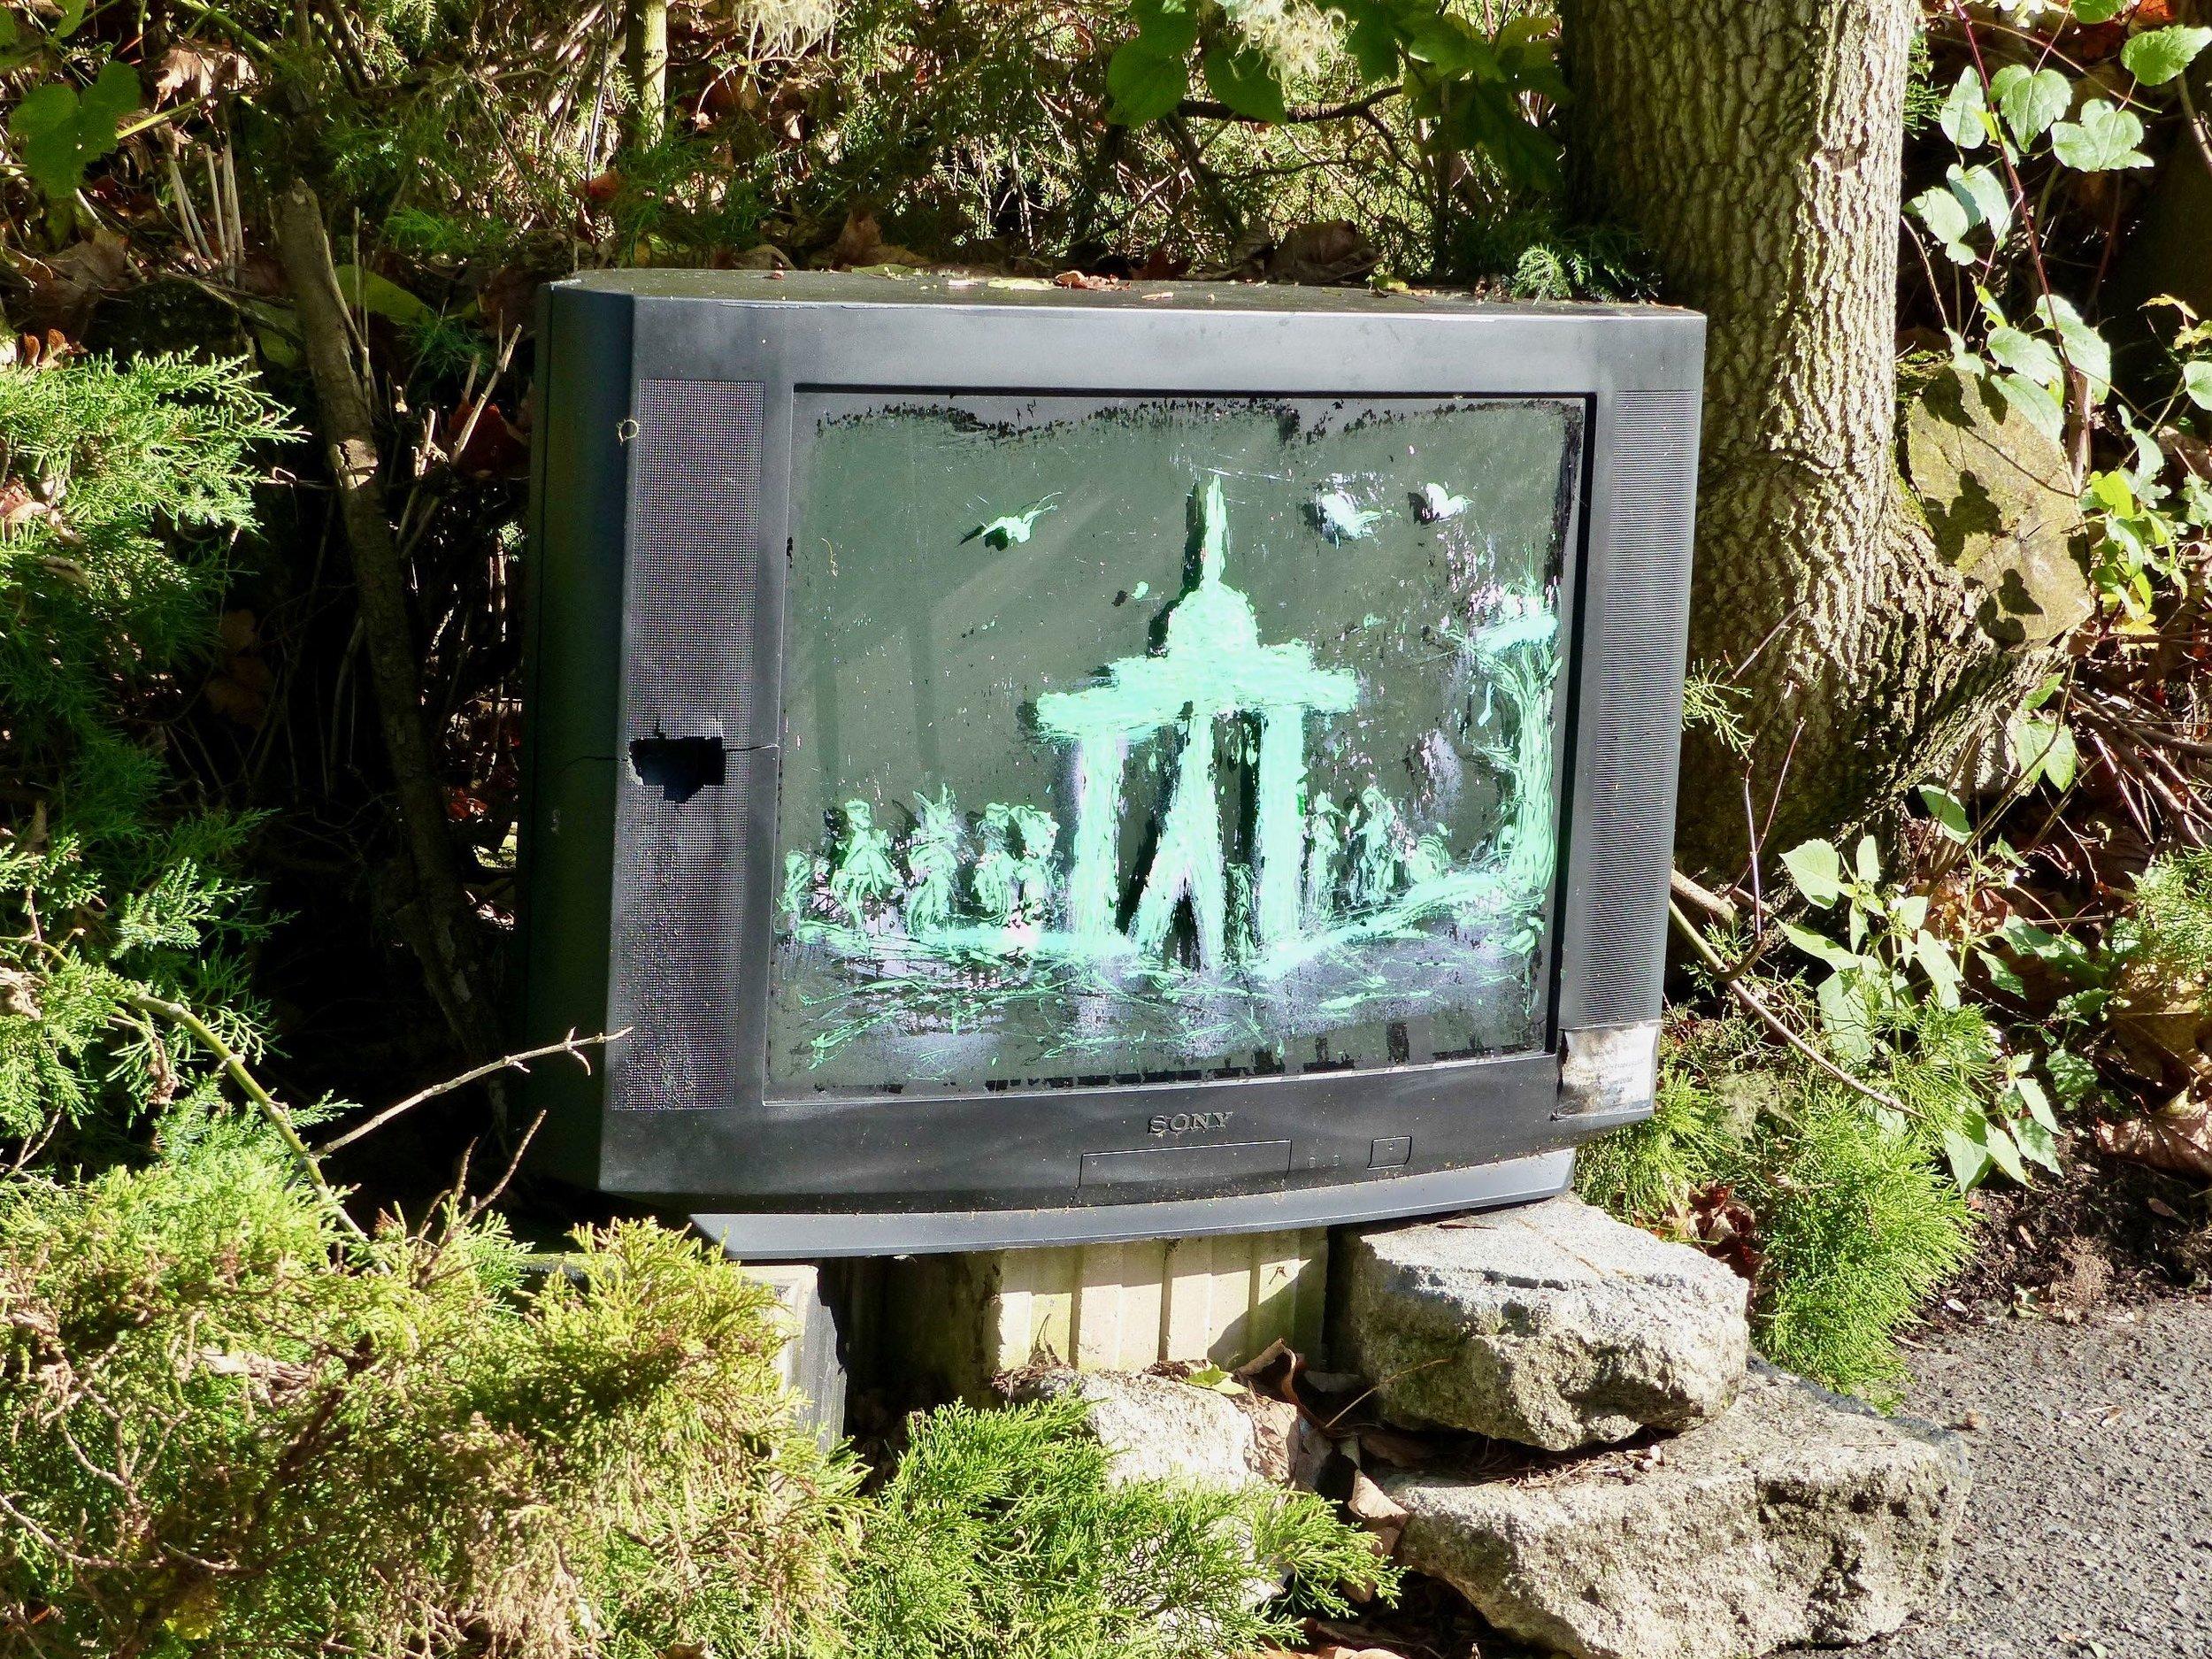 Für einen guten Umgang mit den Medien, muß man ja nicht gleich den Fernseher kaputt machen